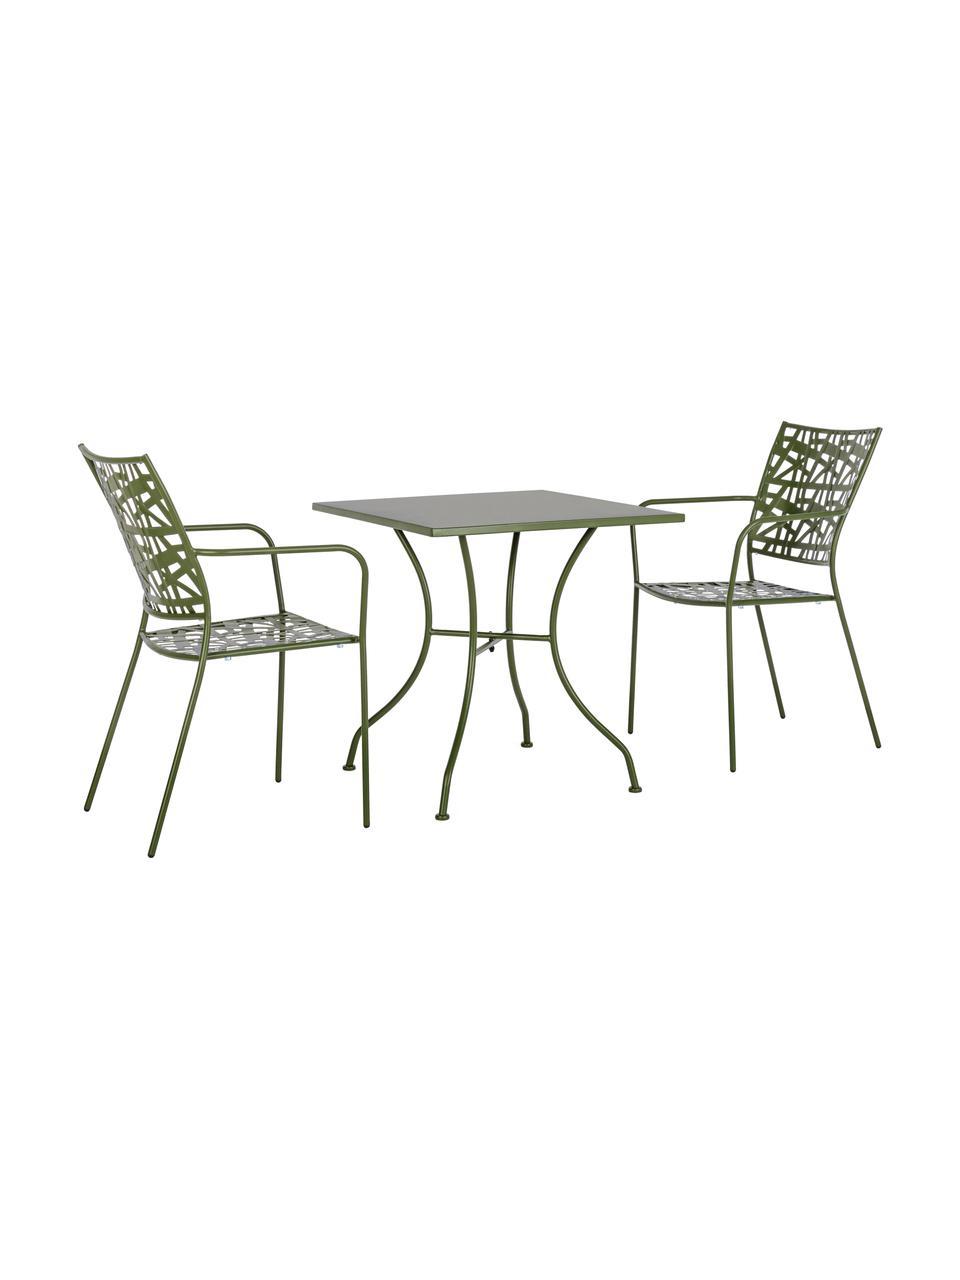 Sedia impilabile da giardino in metallo Kelsie, Metallo verniciato a polvere, Verde, Larg. 55 x Prof. 54 cm